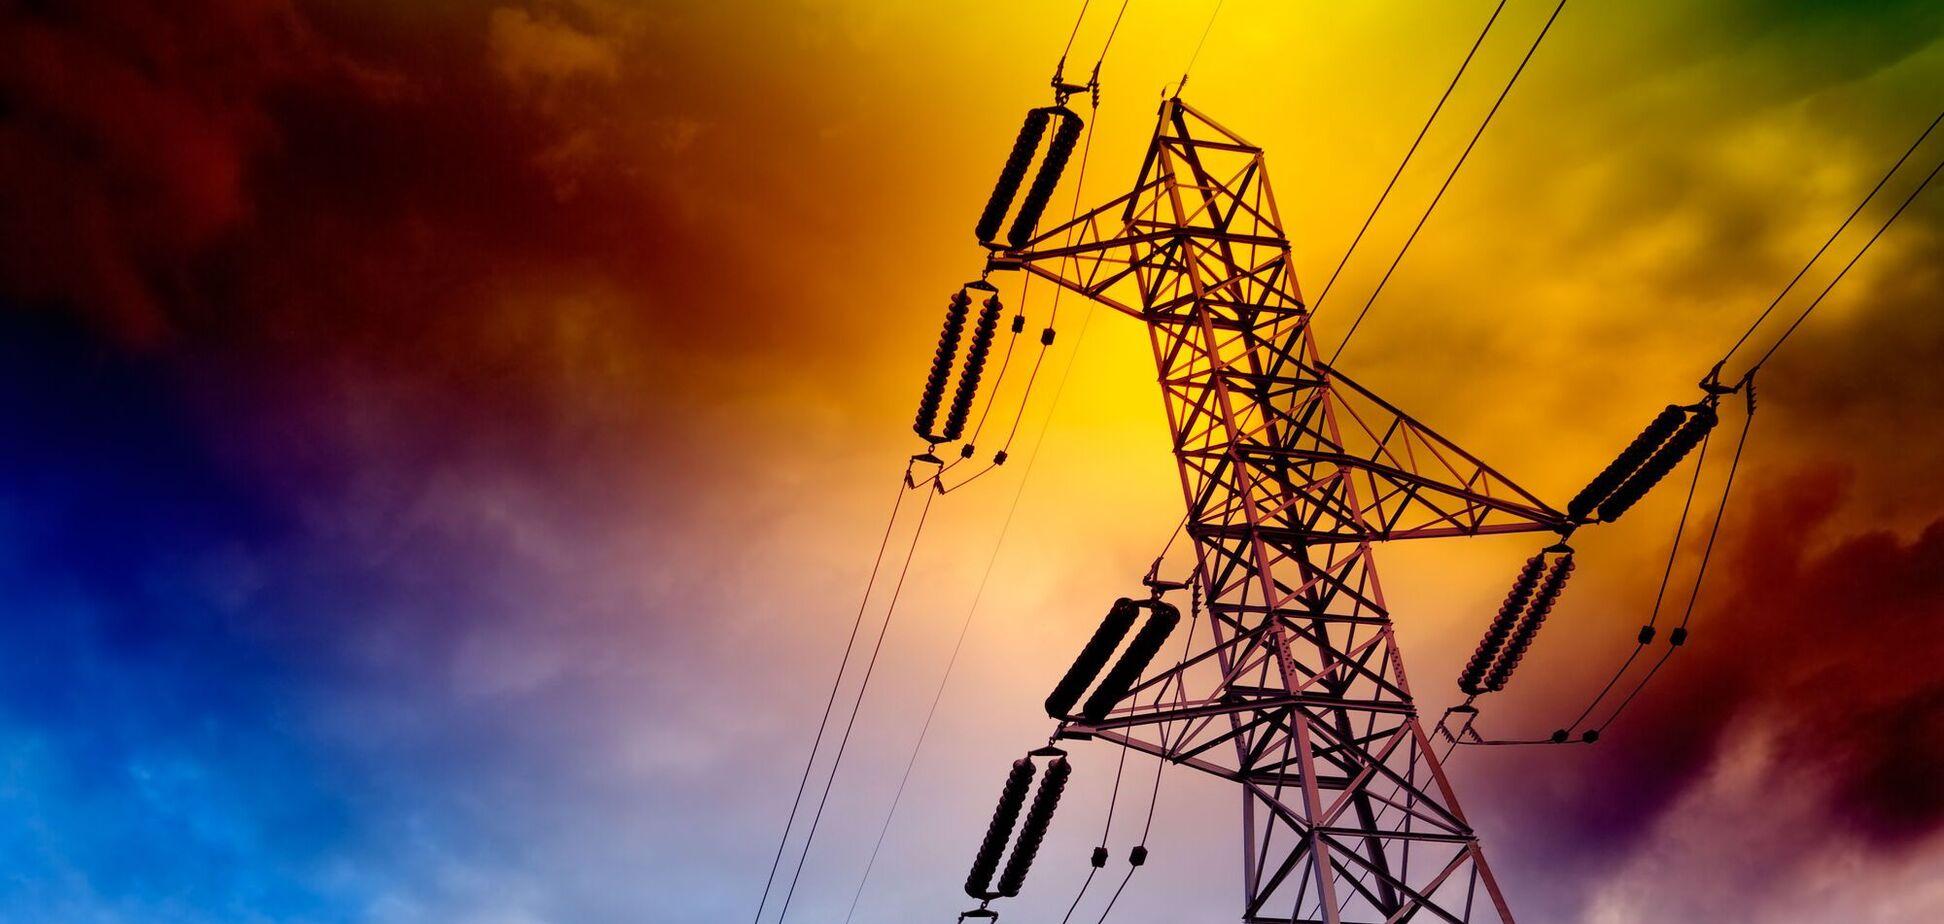 Міненерго підтвердило намір відмовитися від імпорту струму з РФ